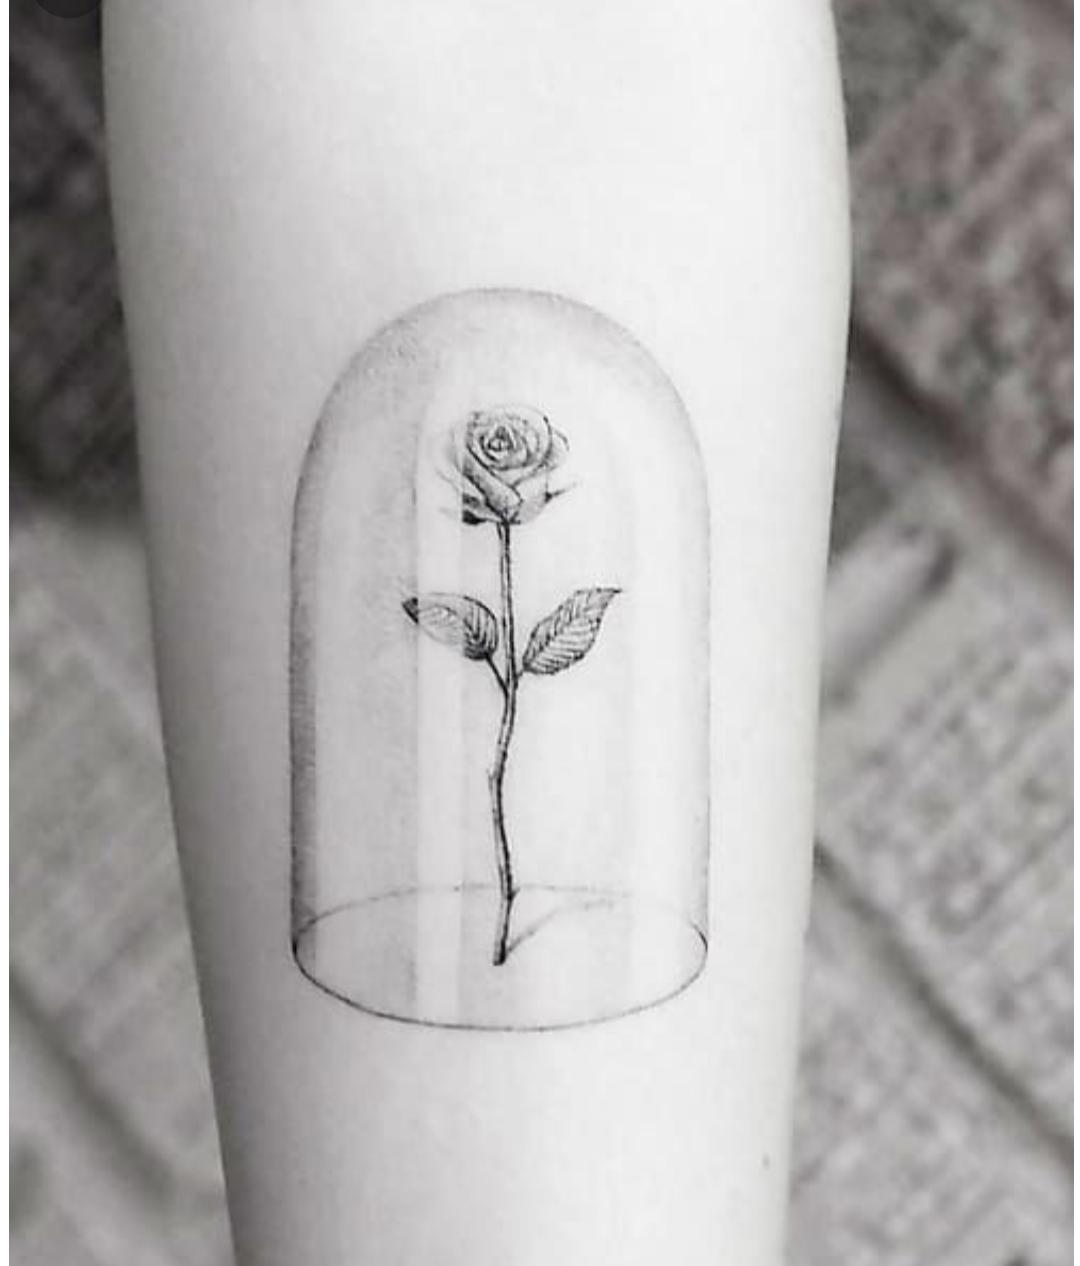 Die Schöne Und Das Biest Rose Bedeutung Tattoo Rosen